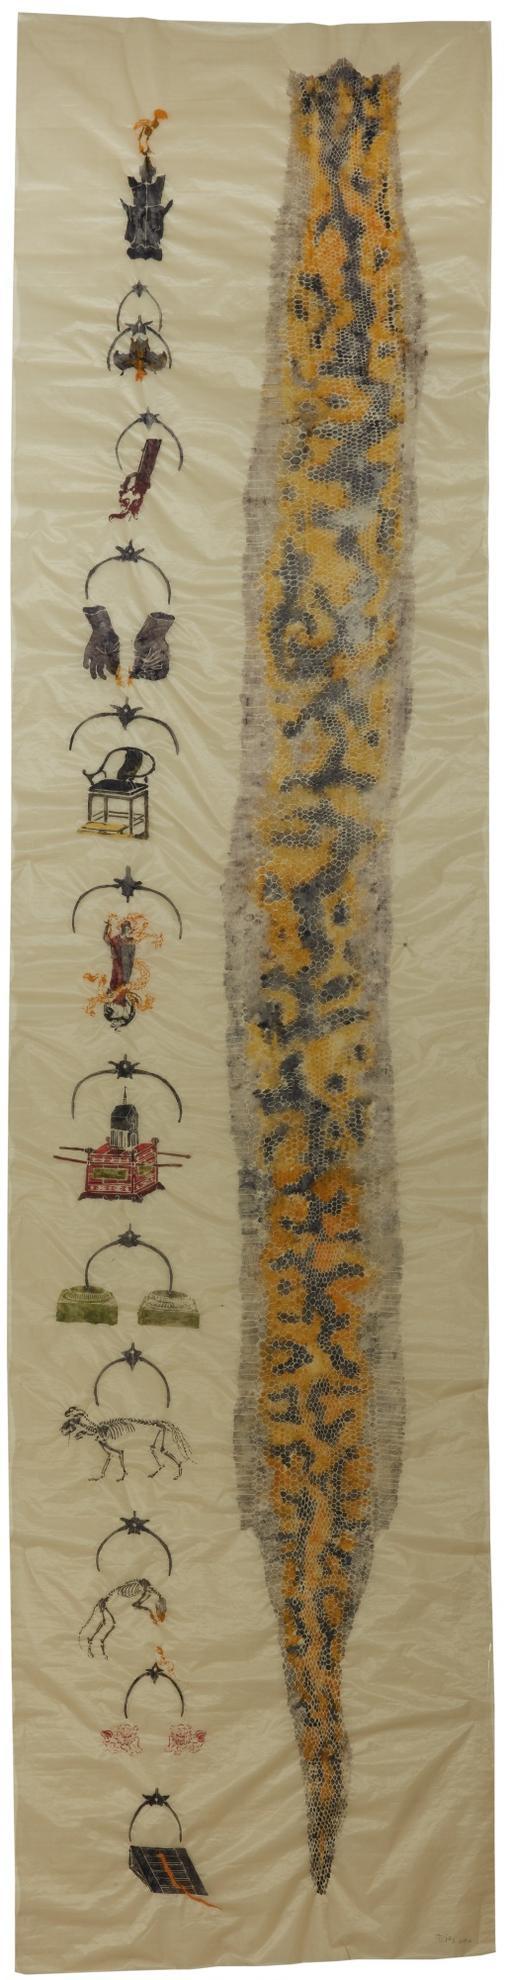 Huang Yong Ping-Shed Snake Skin-2009